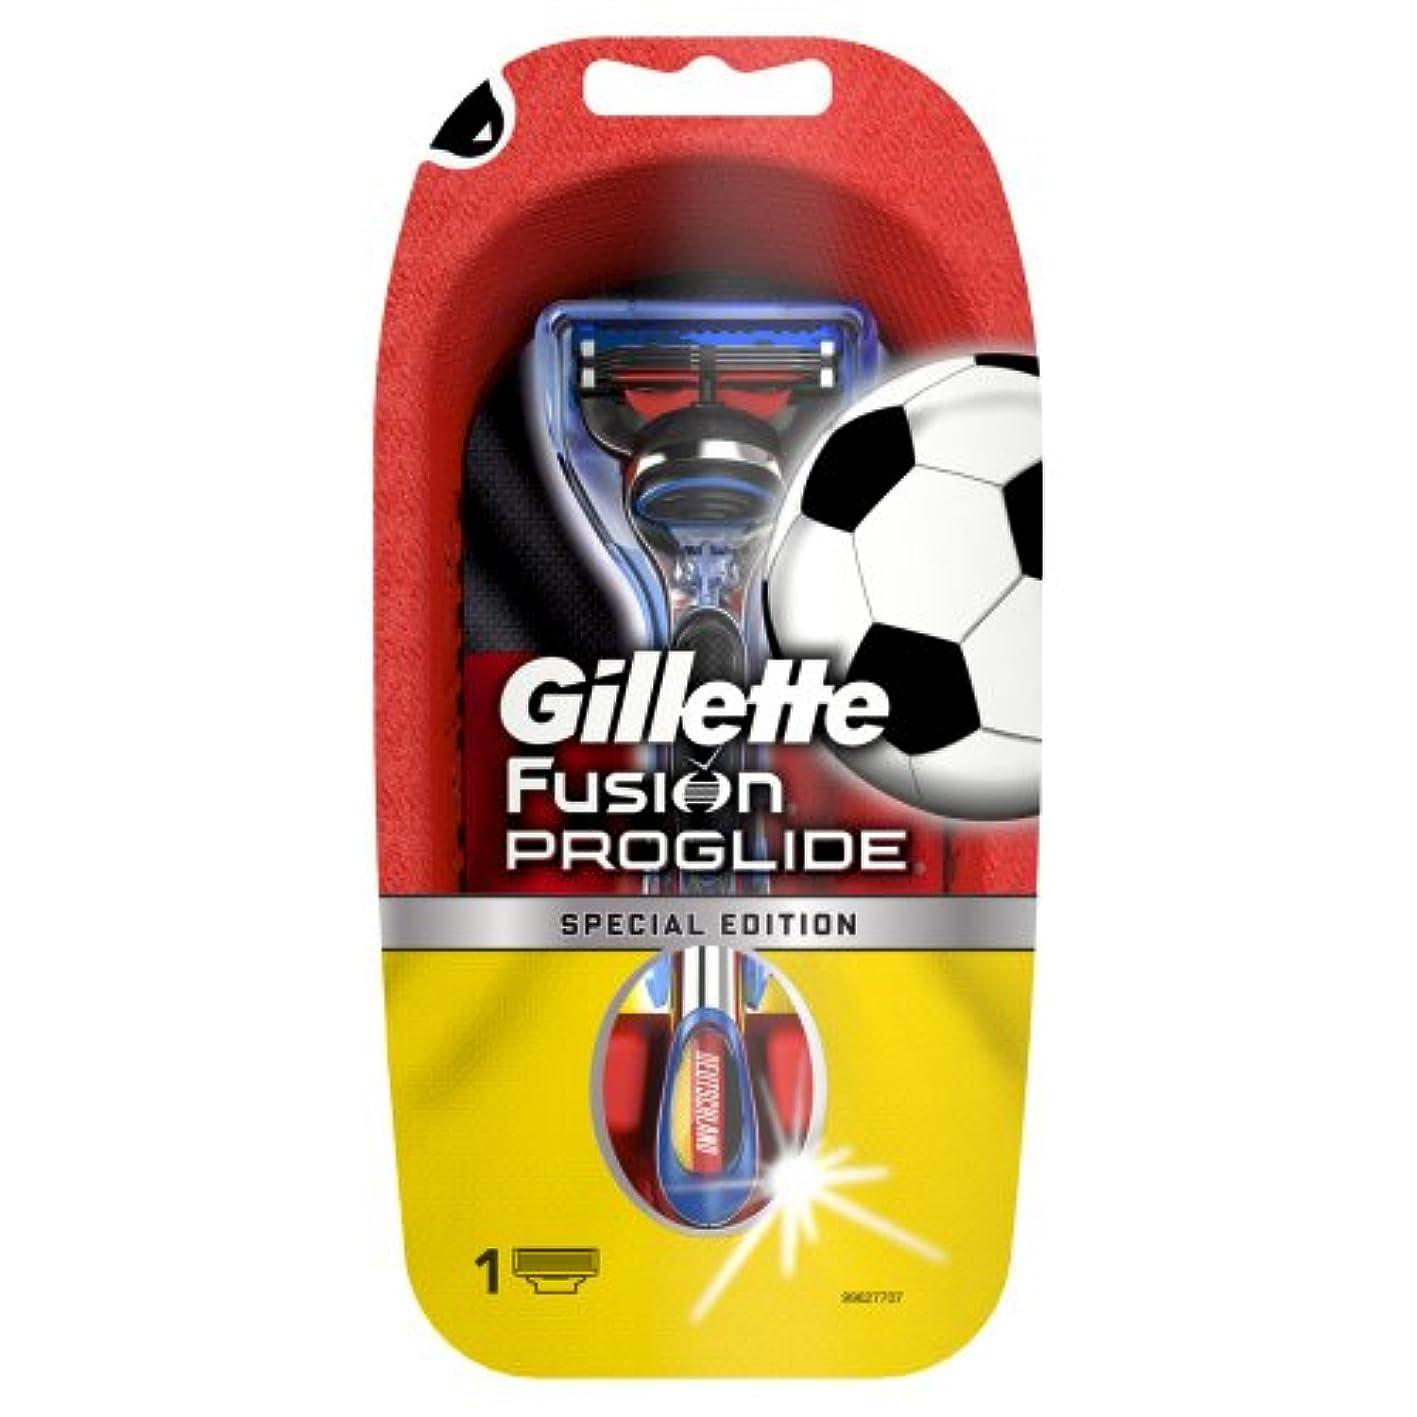 ヘッドレス草既に【数量限定品】 ジレット プログライド サッカードイツモデルホルダー